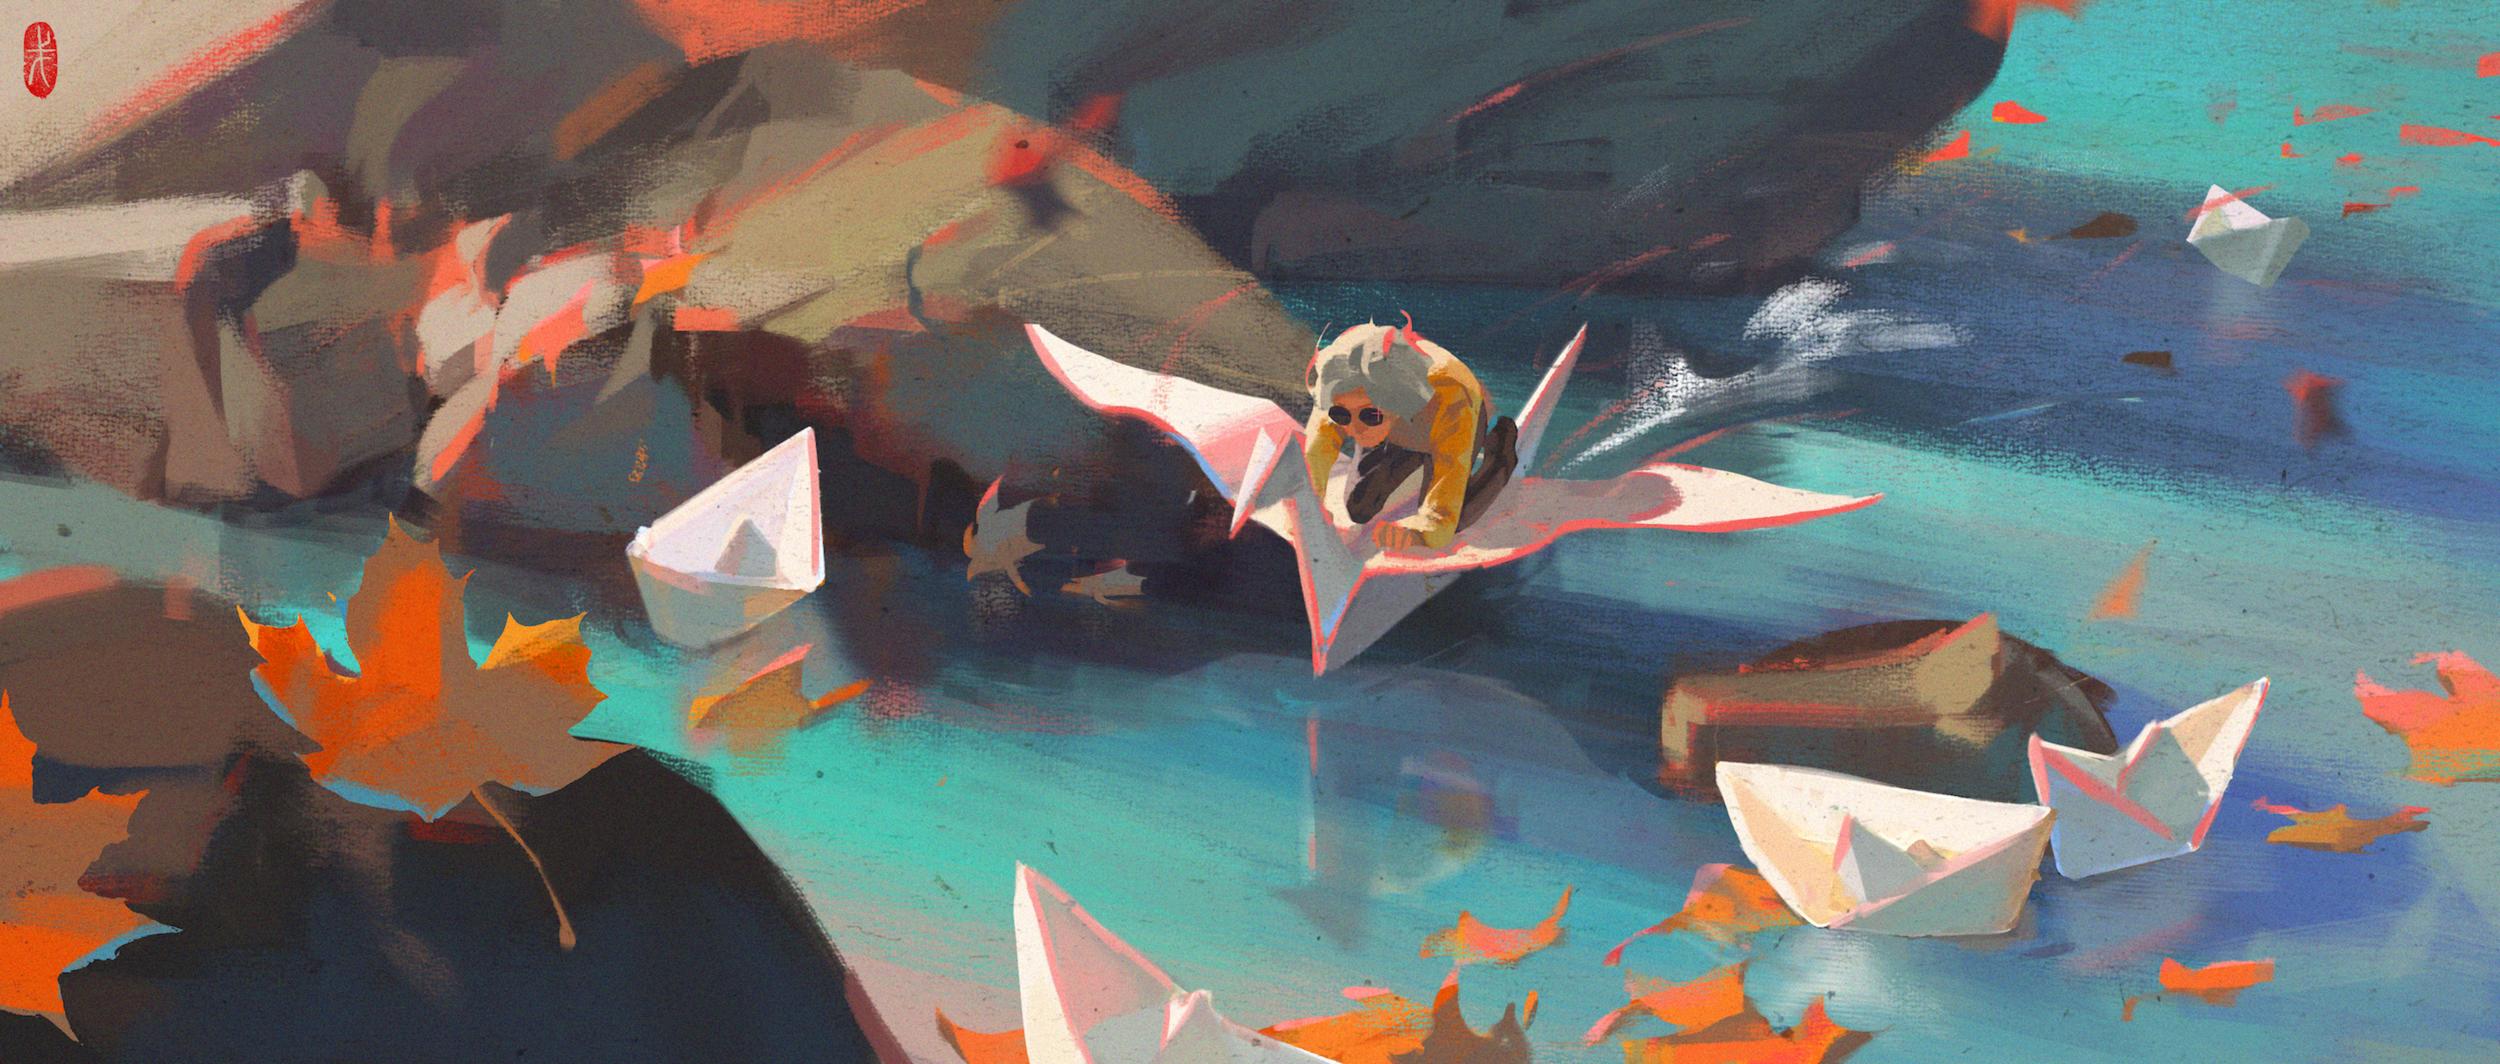 Digital Art Fantasy Art Rocks Paper Boats Petals Flying Men Glasses Paper Cranes Water Origami 2500x1064